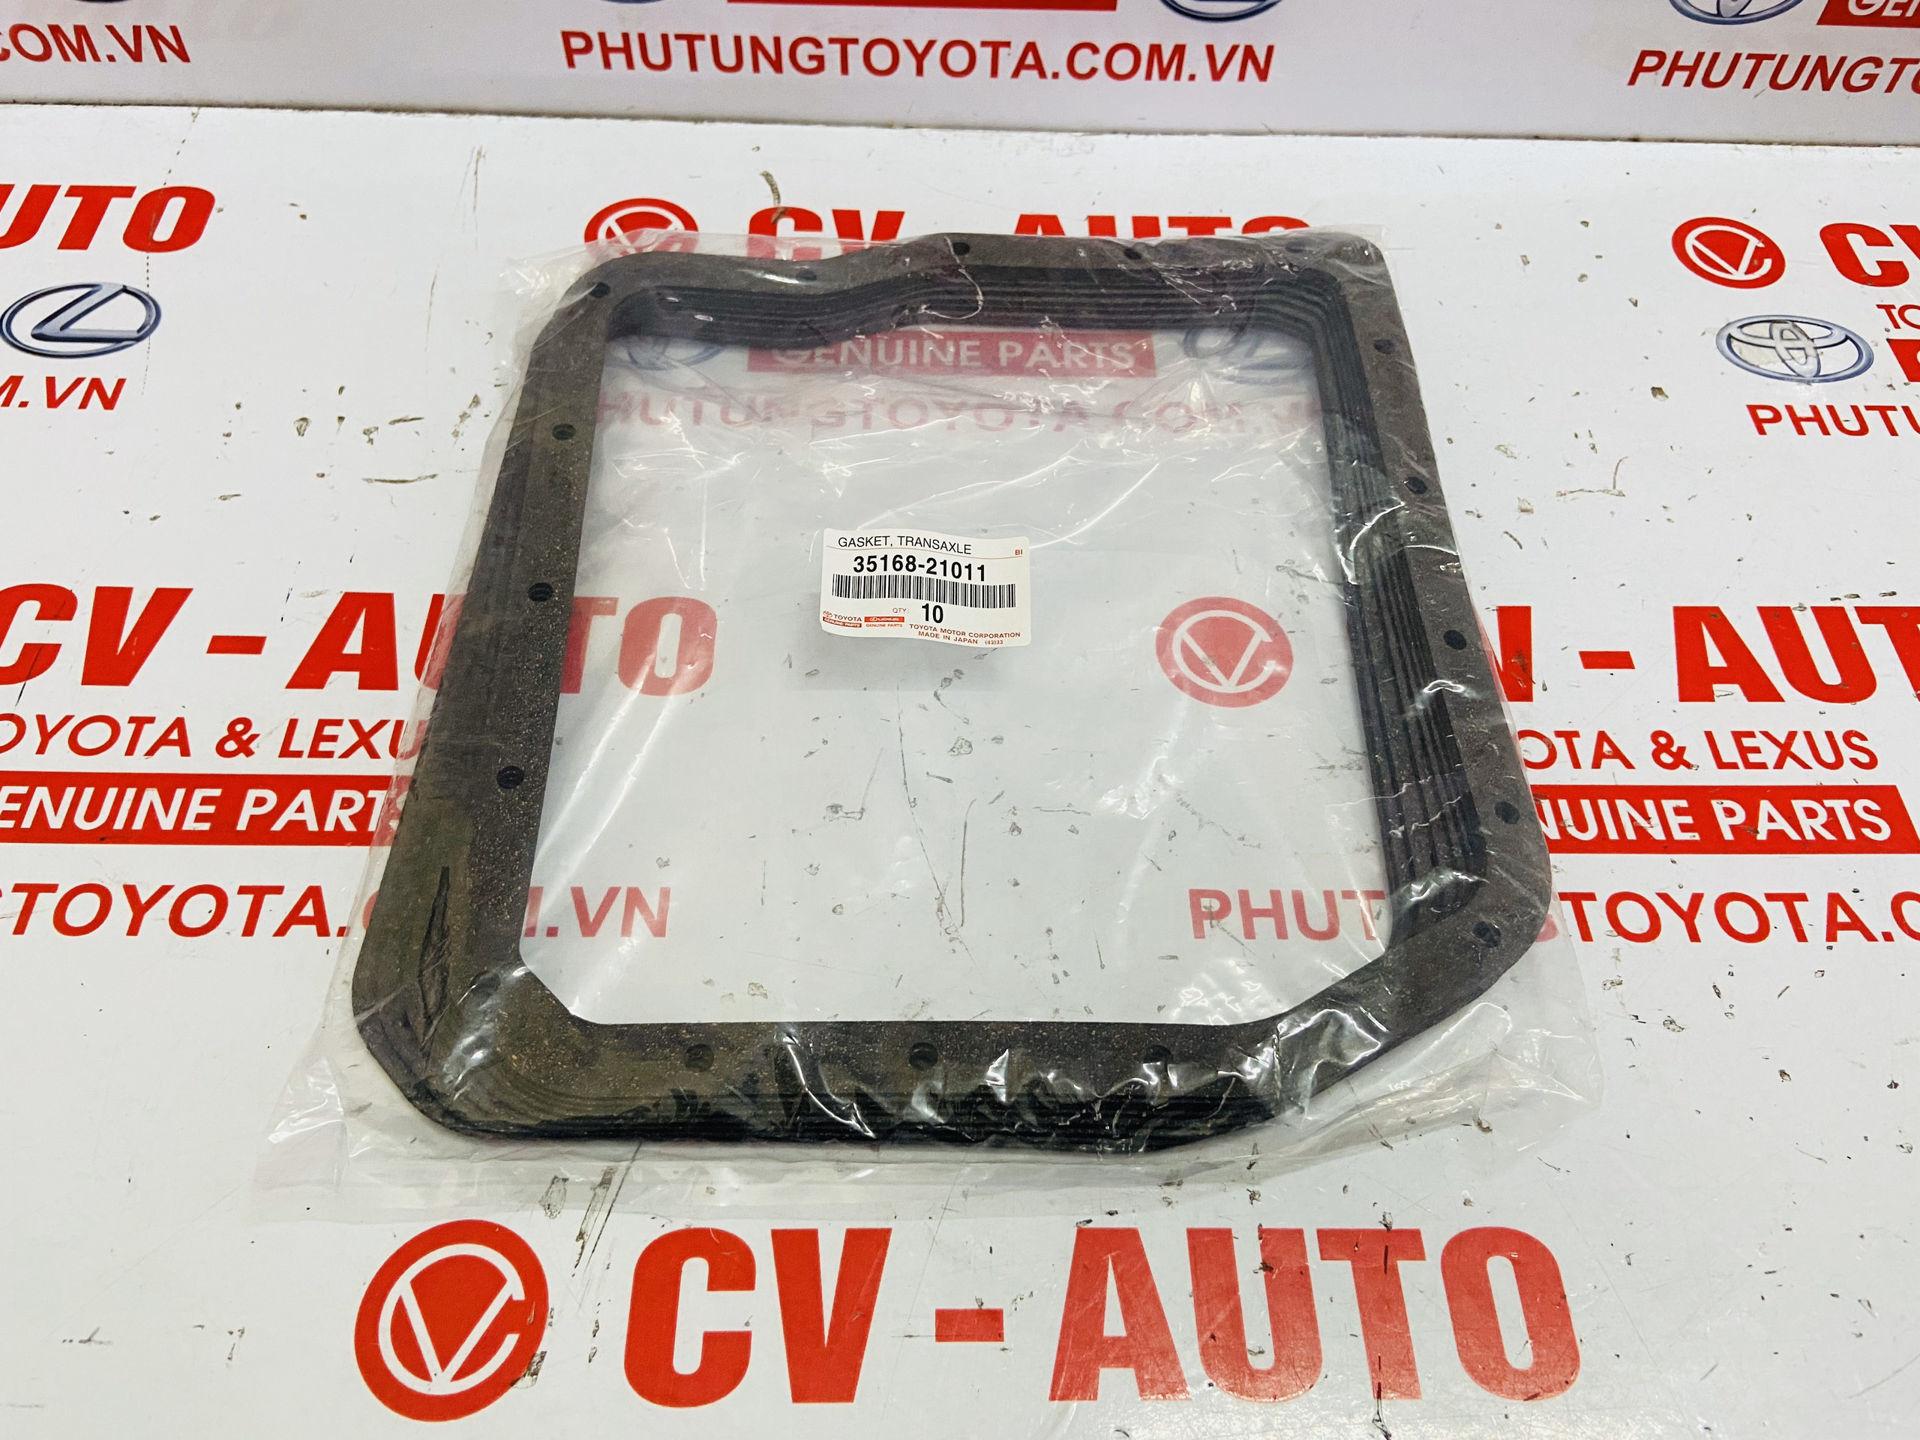 Picture of 35168-21011, 3516821011 Gioăng các te hộp số Lexus ES350 RX330 RX350, Toyota Camry Avalon Highlander Sienna Previa RAV4 chính hãng